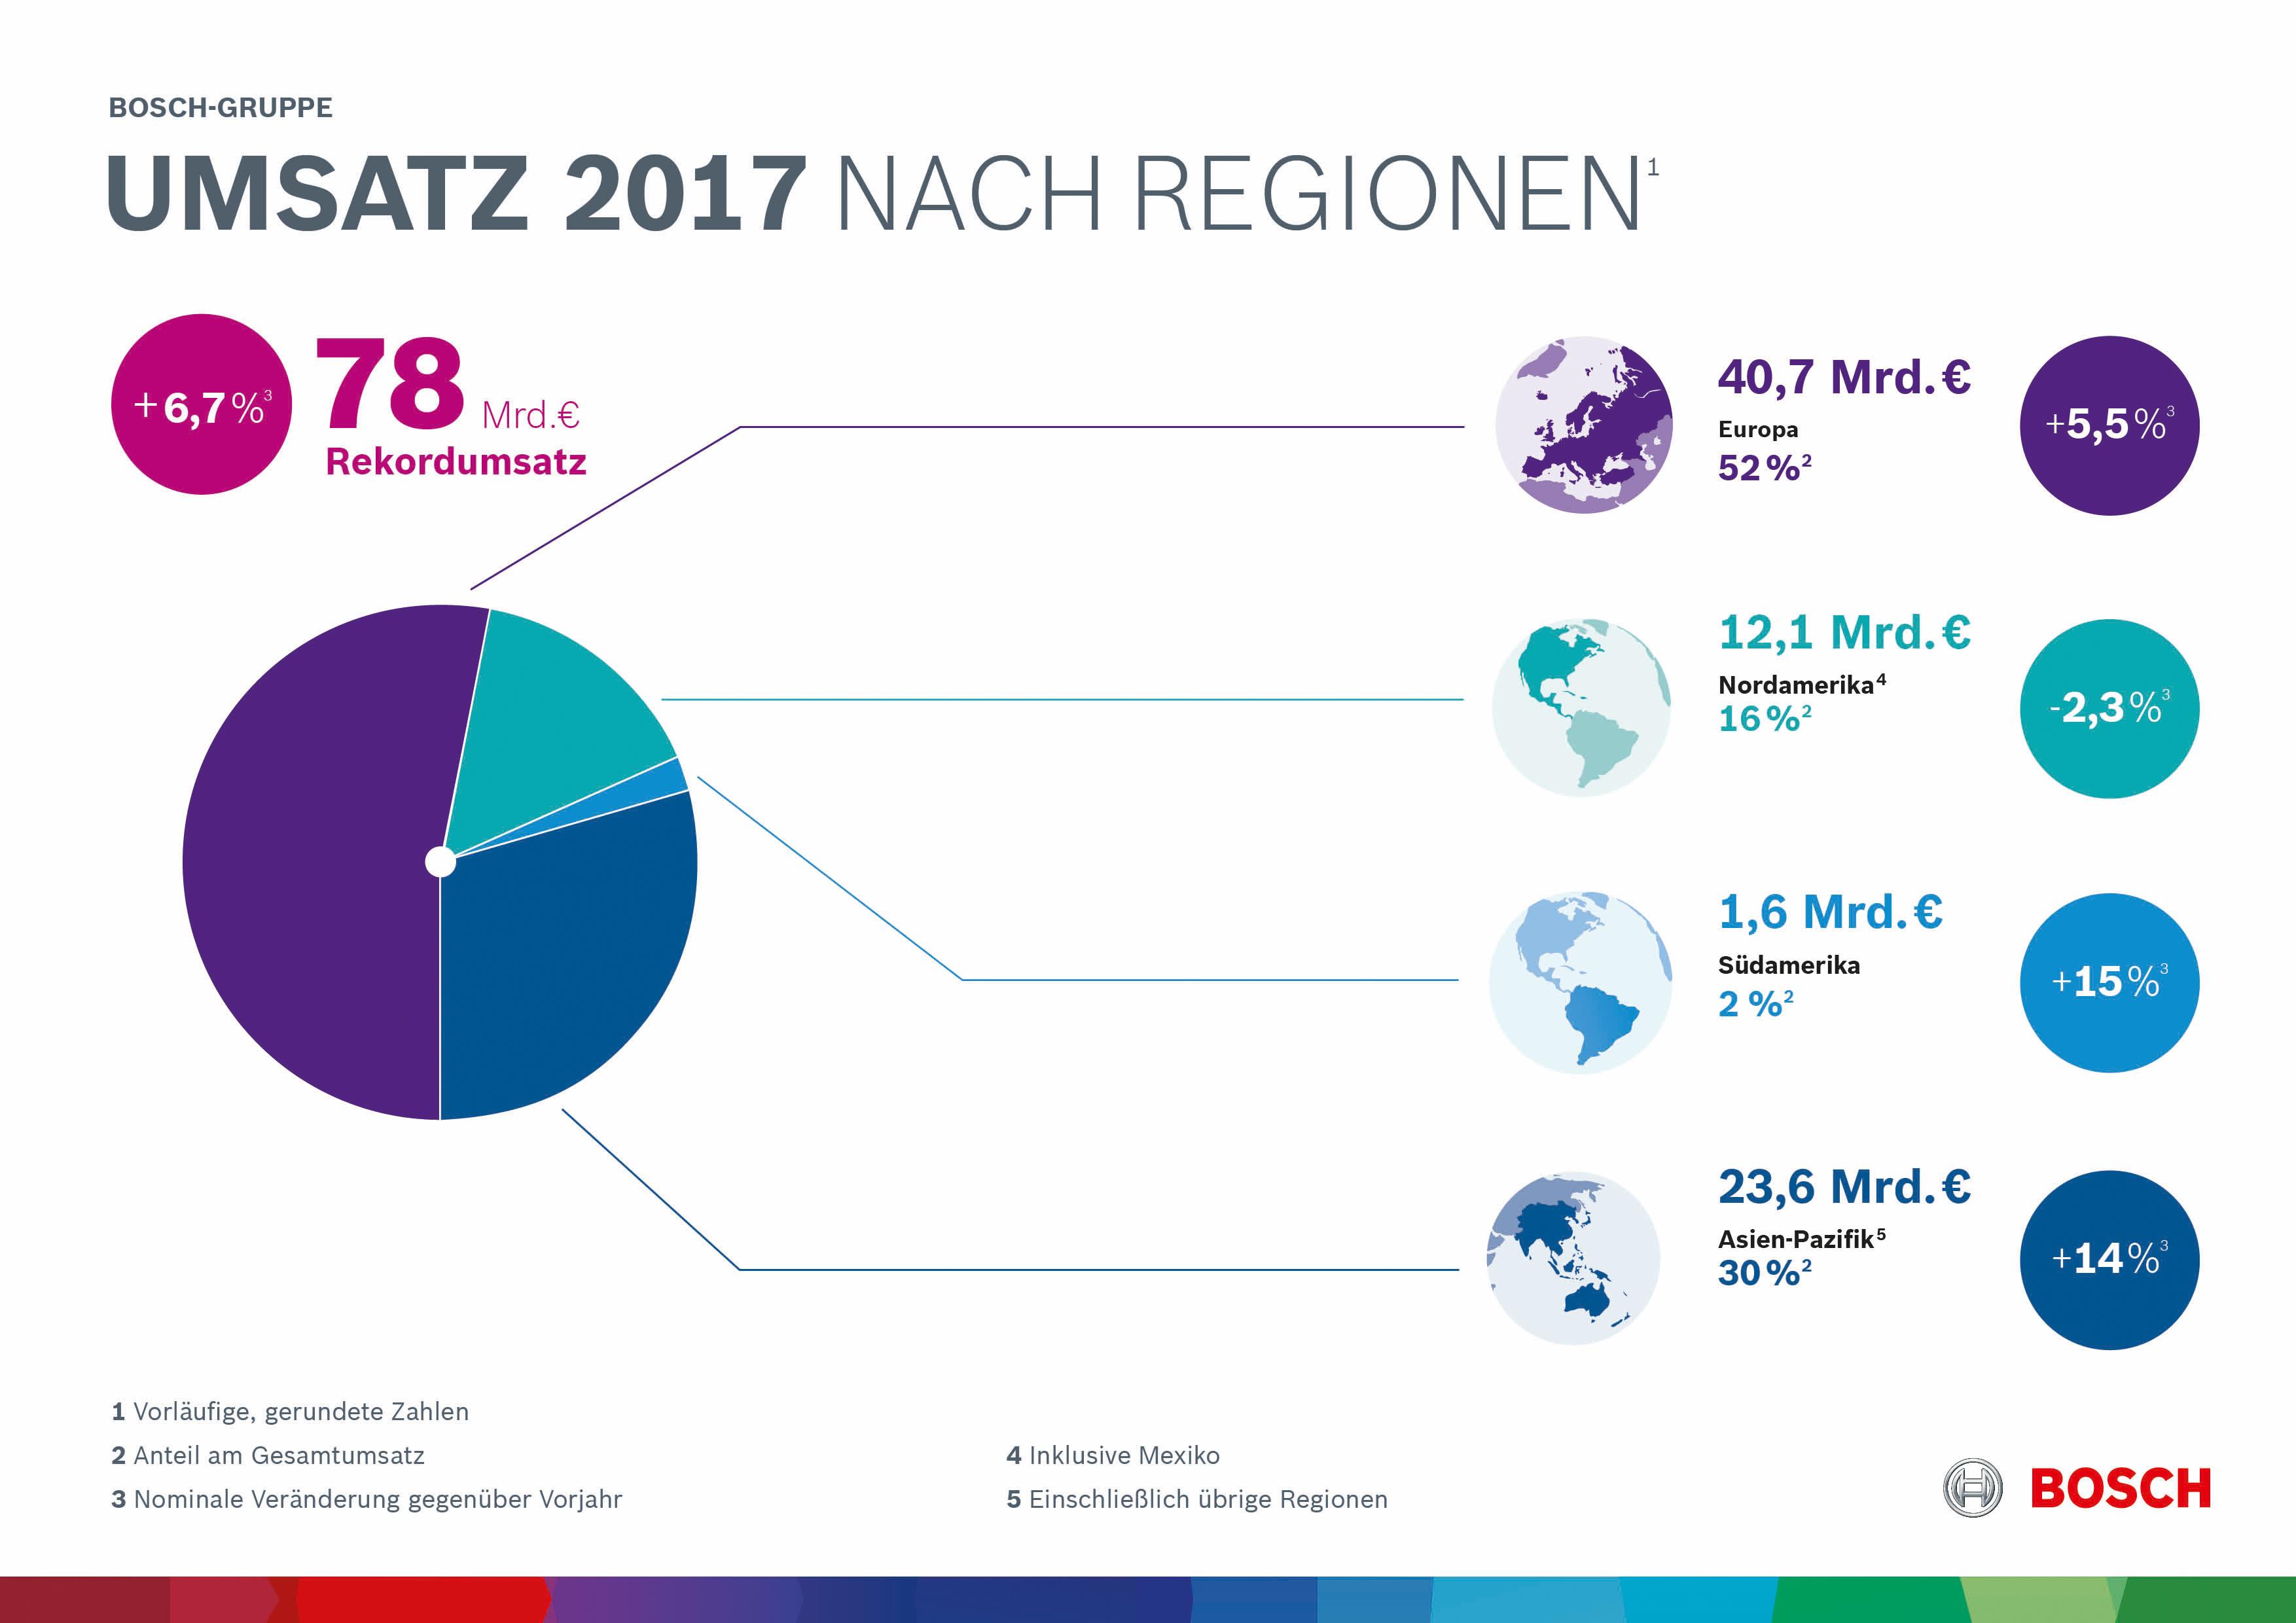 Geschäftsverlauf 2017 nach Regionen